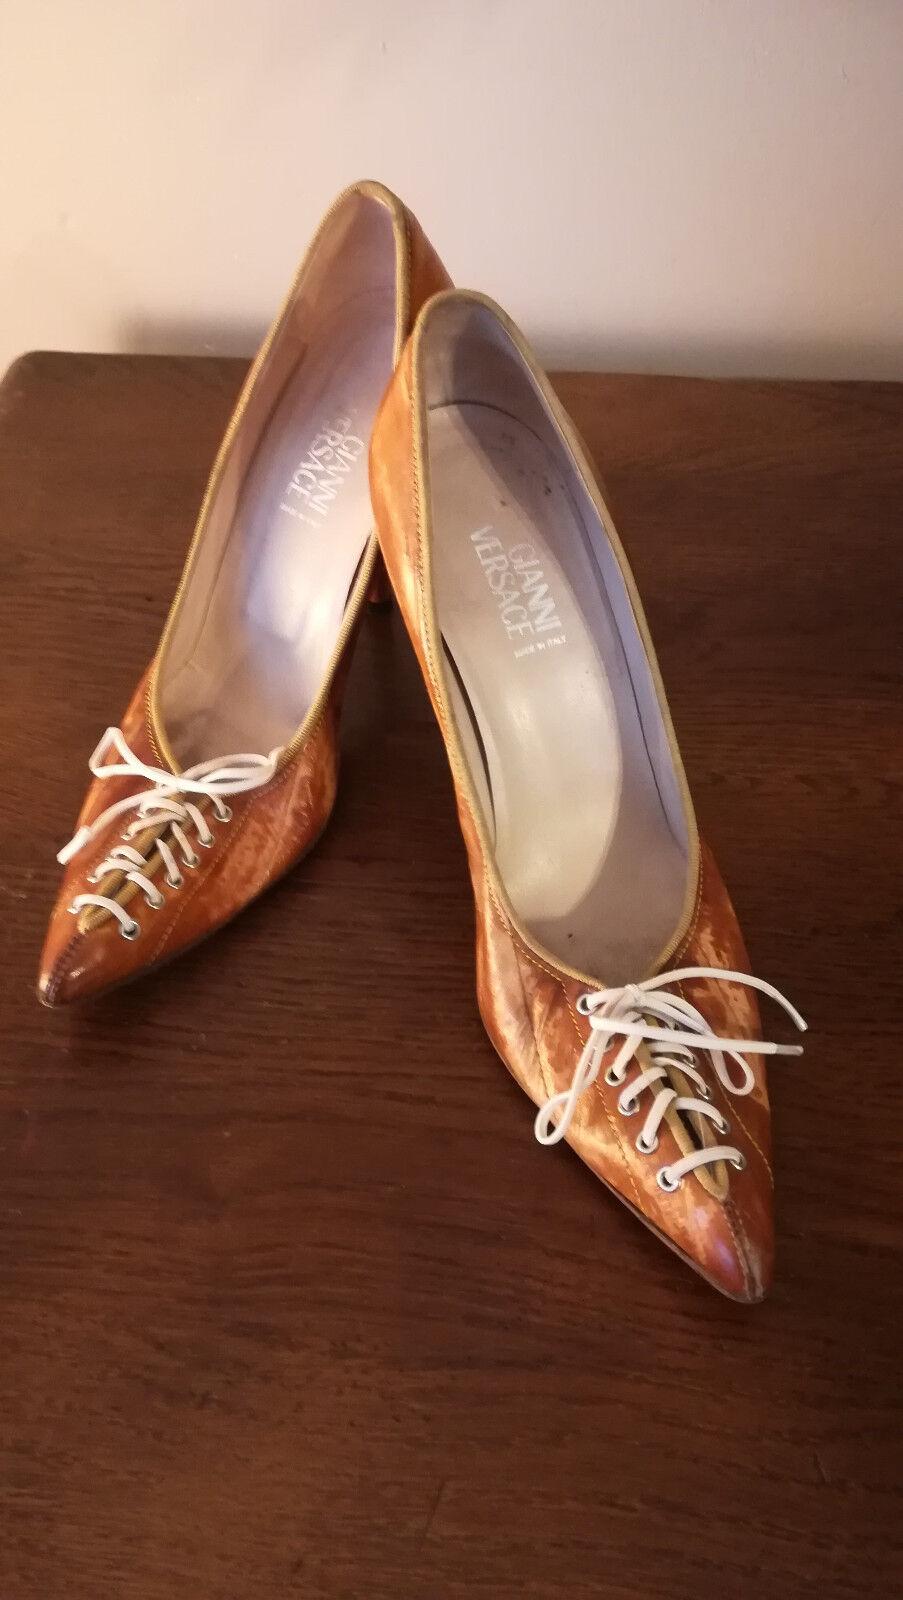 Zapatos ESCARPINS  GIANNI VERSACE - CUIR Color marrón marrón marrón CLAIR - POINTURE 38  a la venta